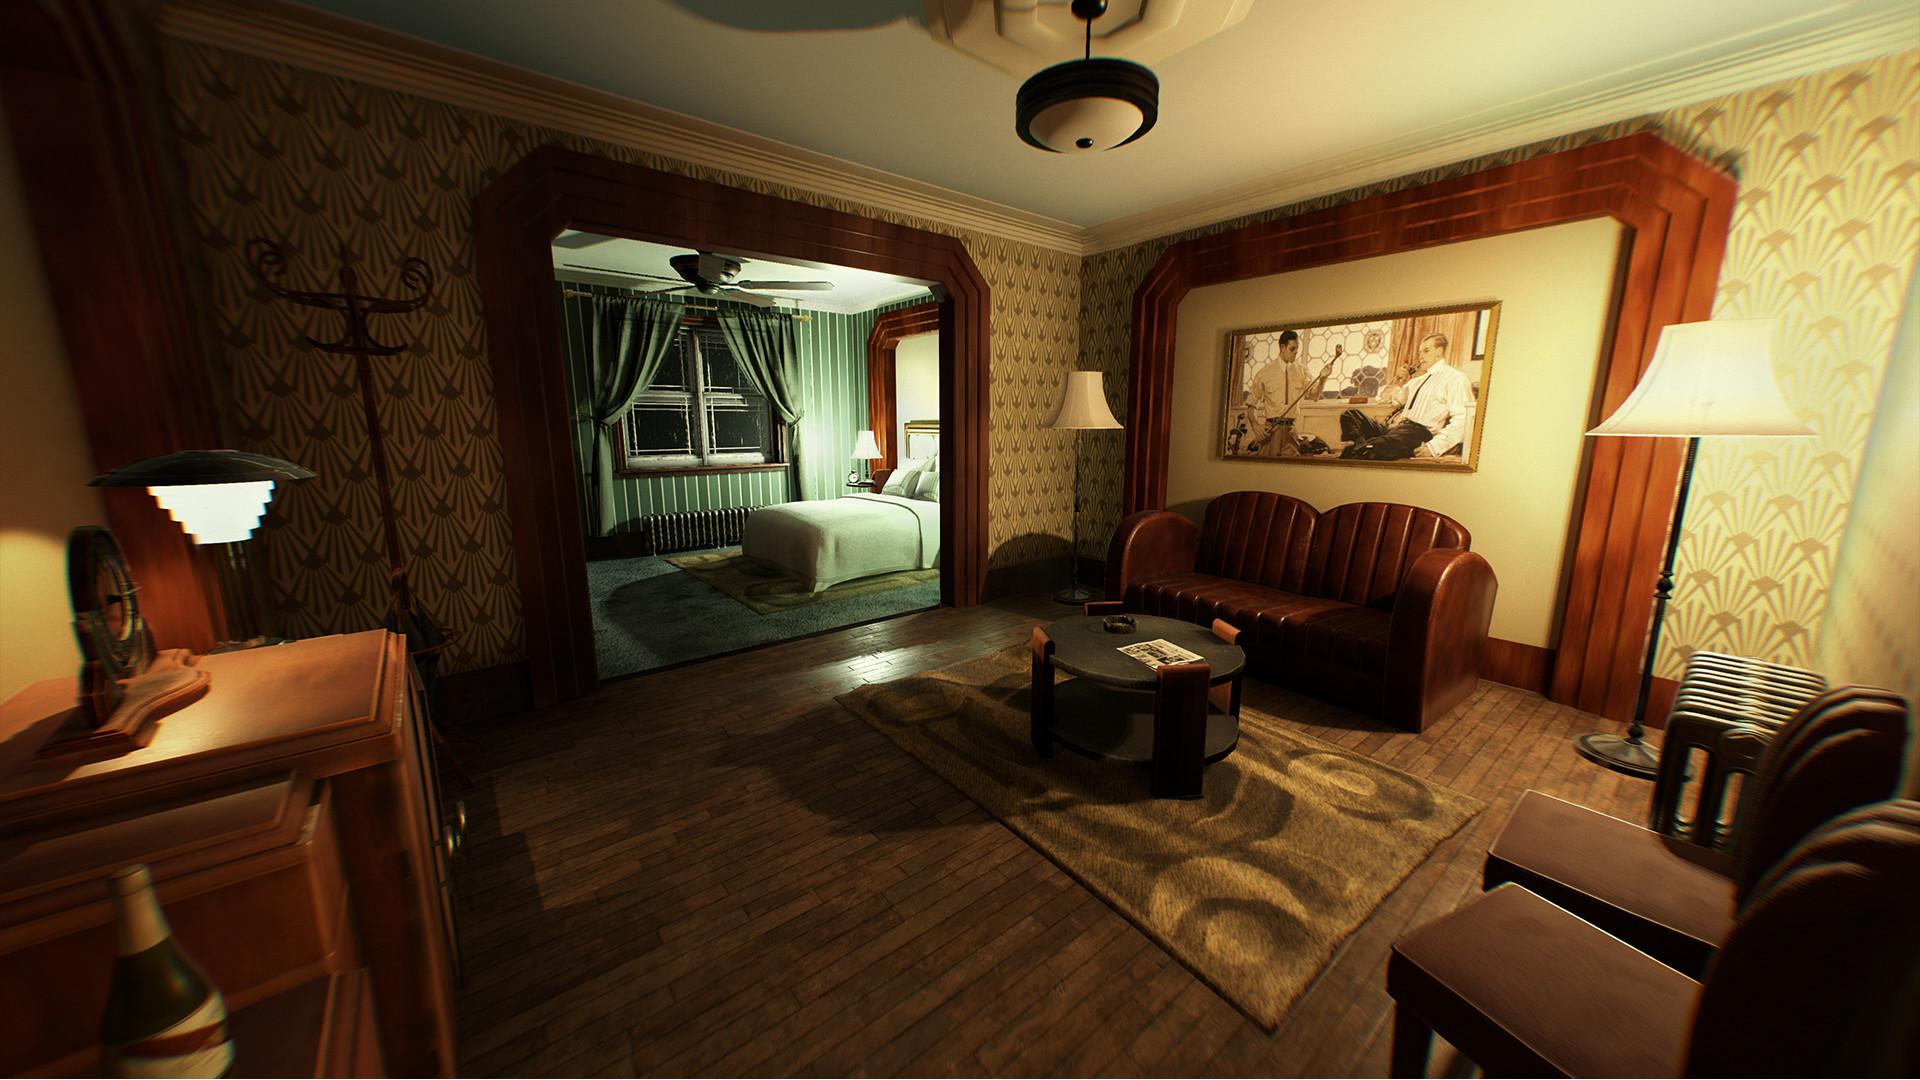 Augustin grassien livingroom 03